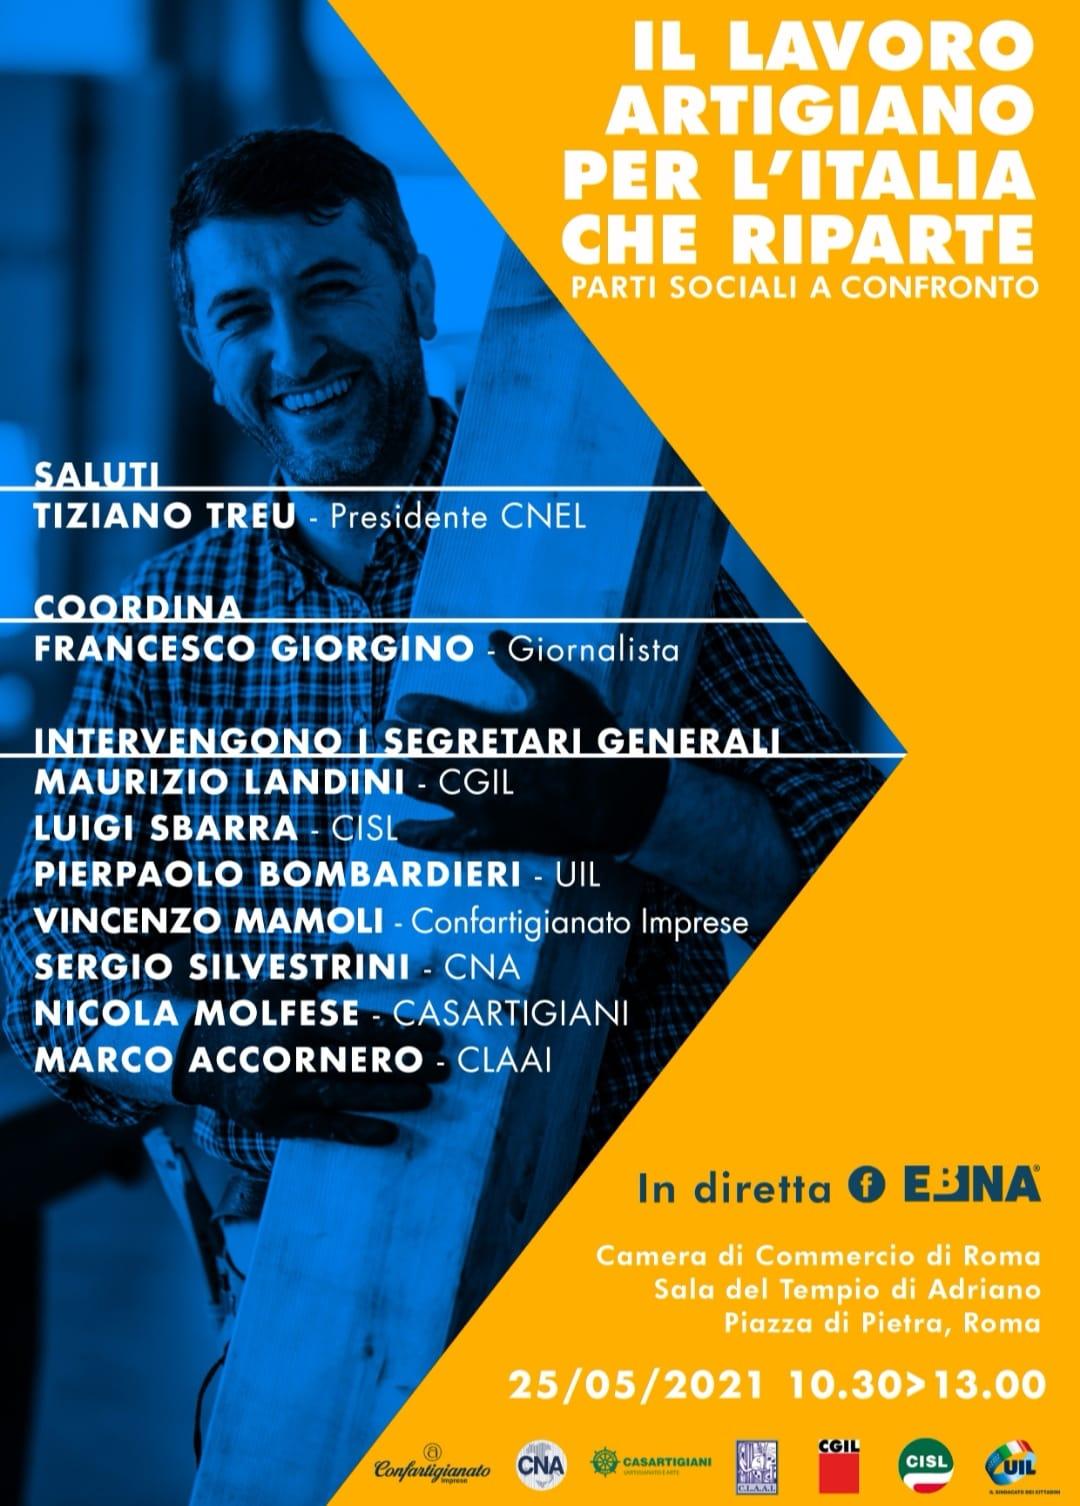 Diretta facebook: IL LAVORO ARTIGIANO PER L'ITALIA CHE RIPARTE – PARTI SOCIALI A CONFRONTO